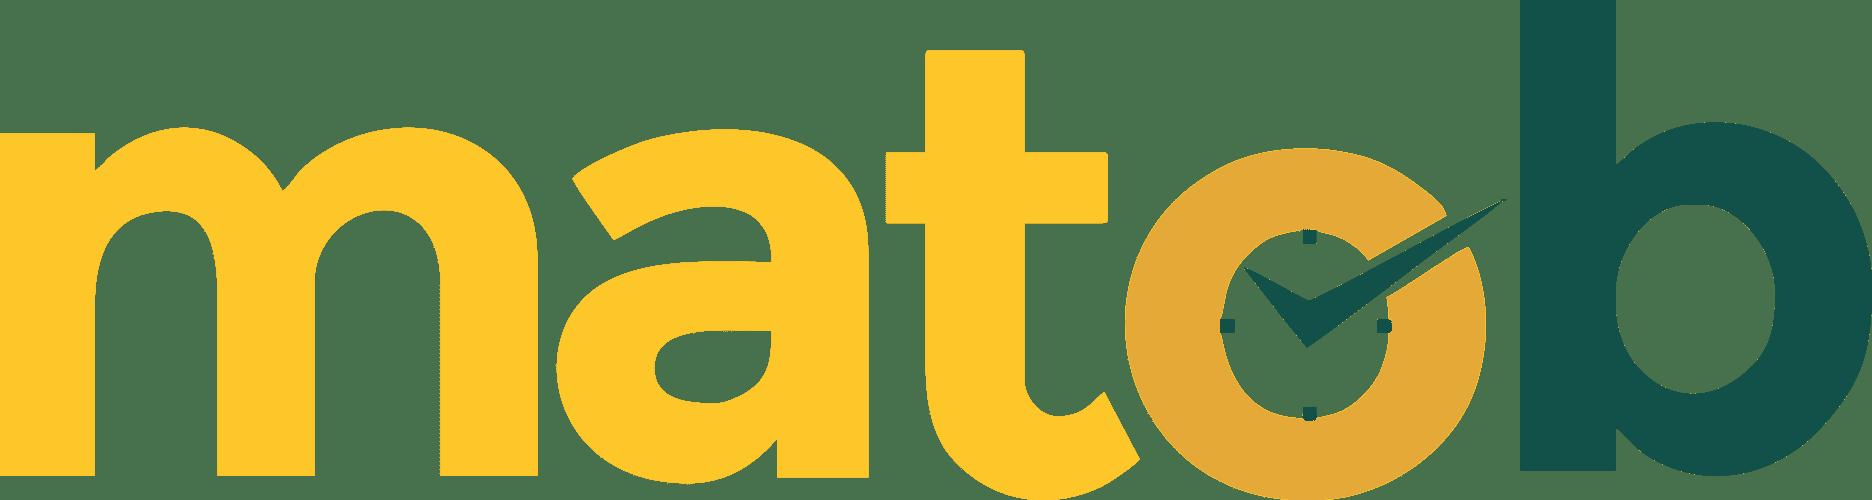 Matob Creative